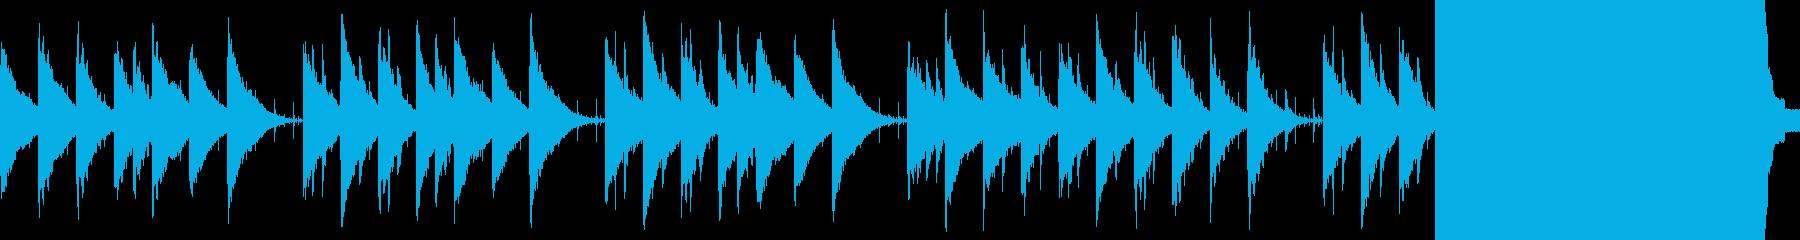 切ないシンセサイザーサウンドの再生済みの波形